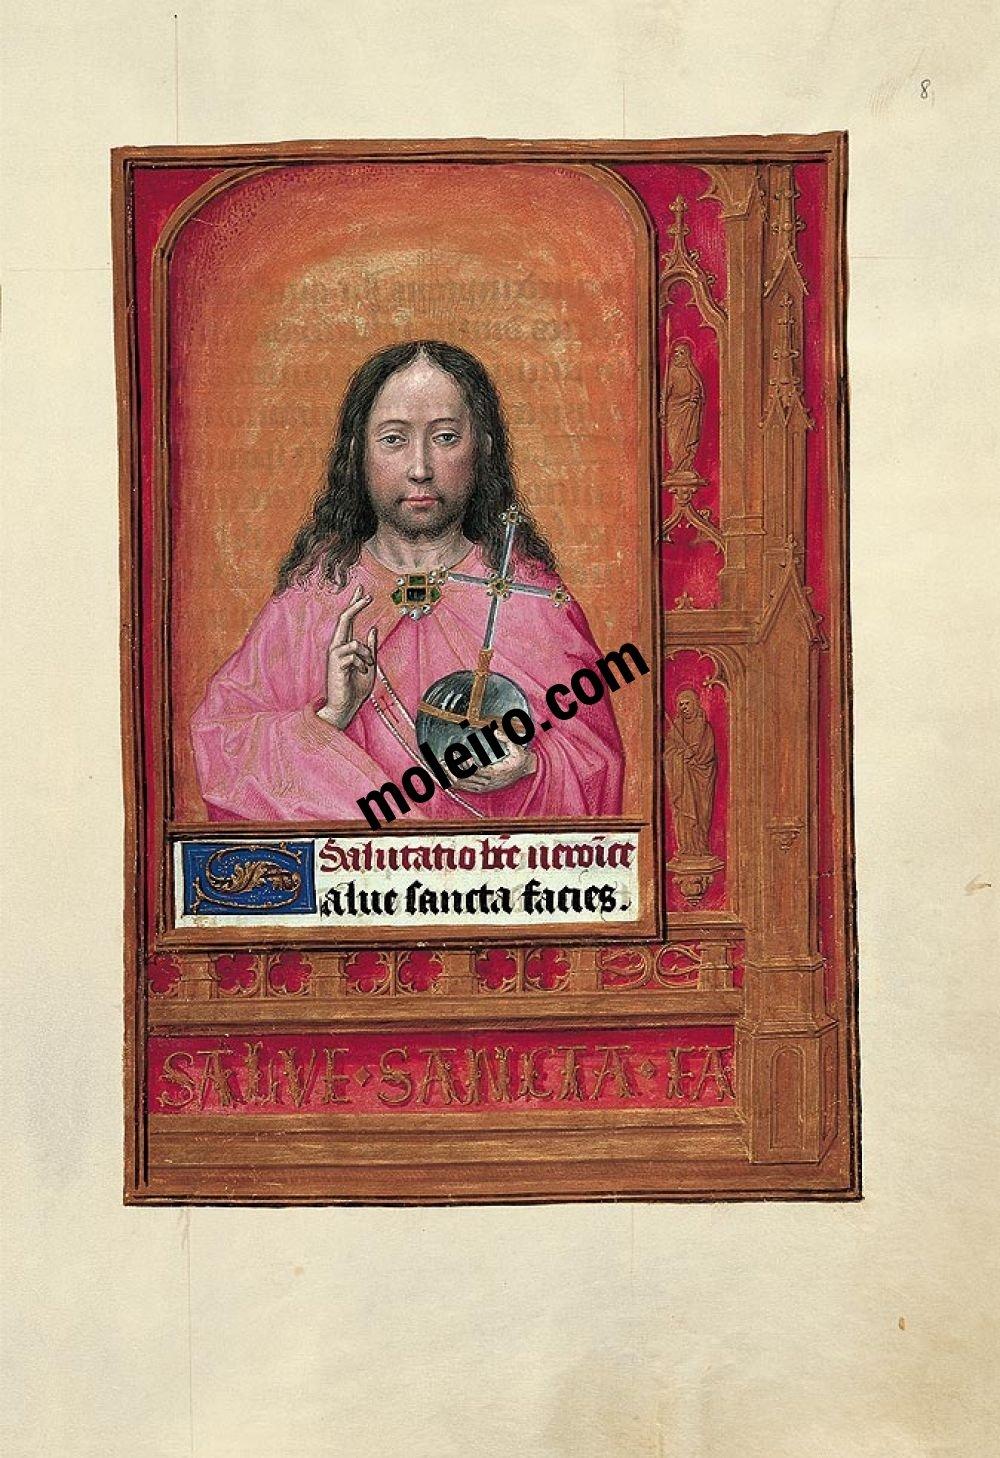 Mappe mit 6 Kunstdrucken aus dem Stundenbuch Johanna I. von Kastilien (Johanna die Wahnsinnige)  Pantokrator, f. 8r